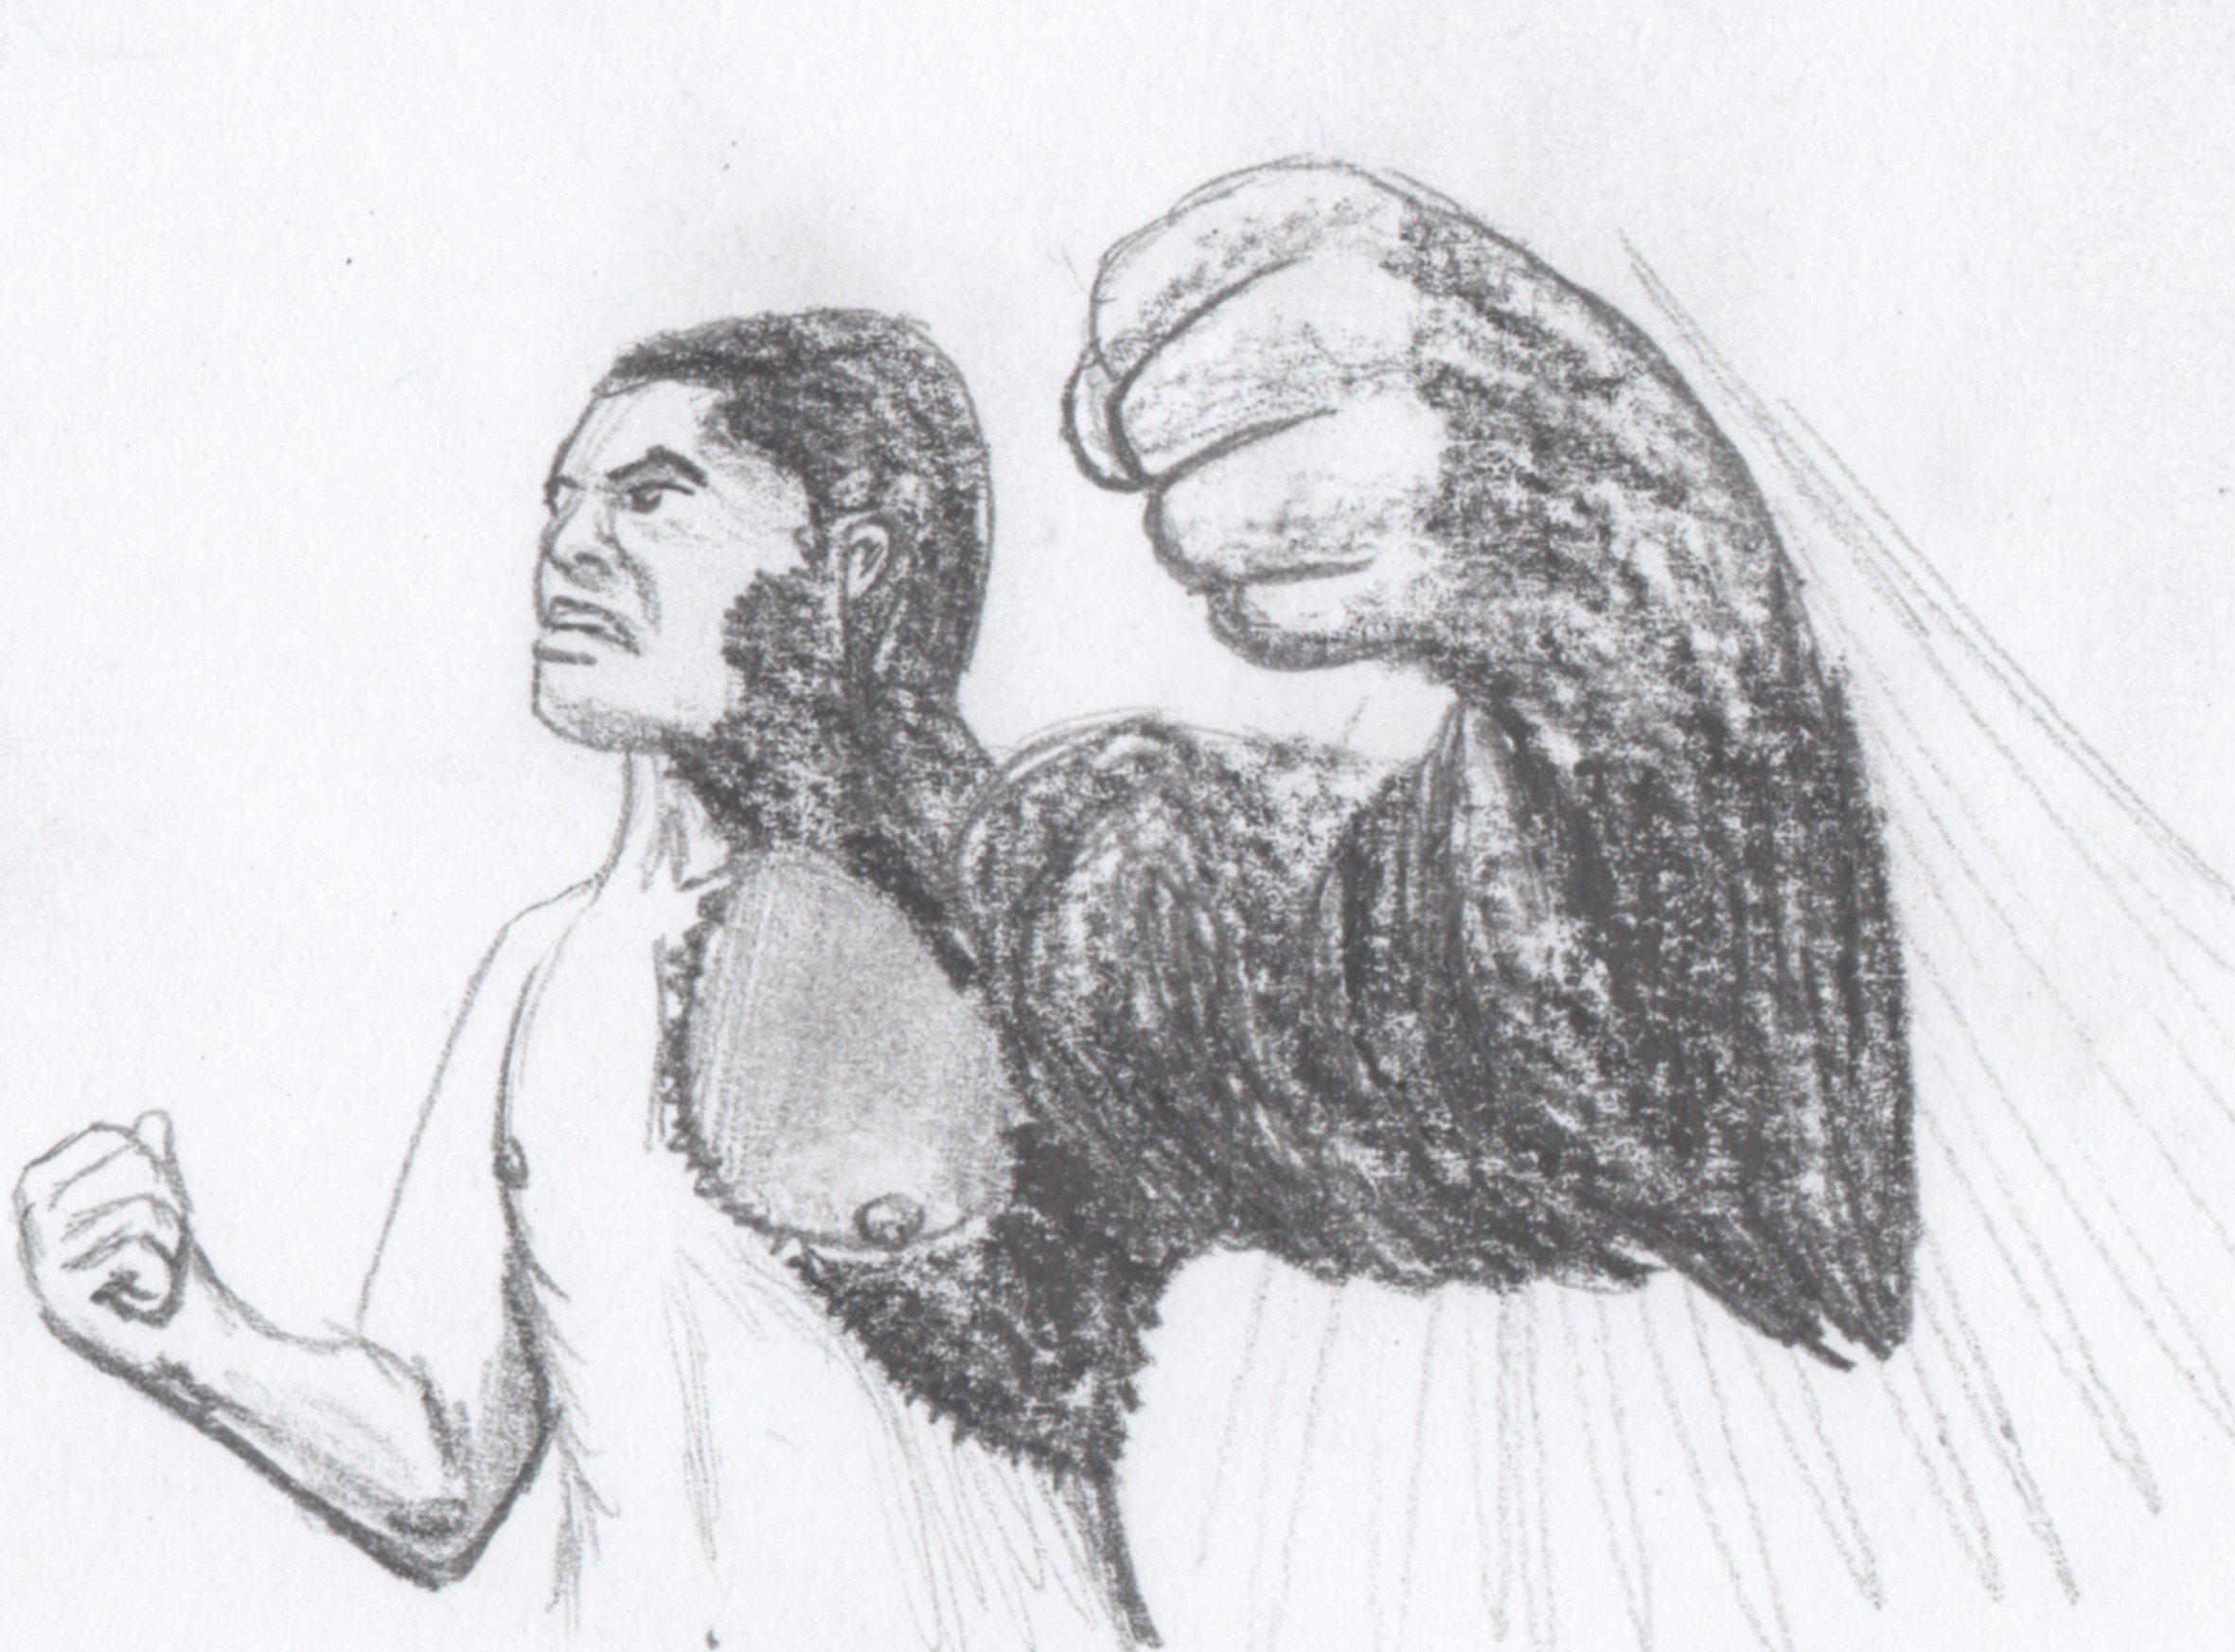 Drawn wolfman buff body Guy jpg WTF with imgur